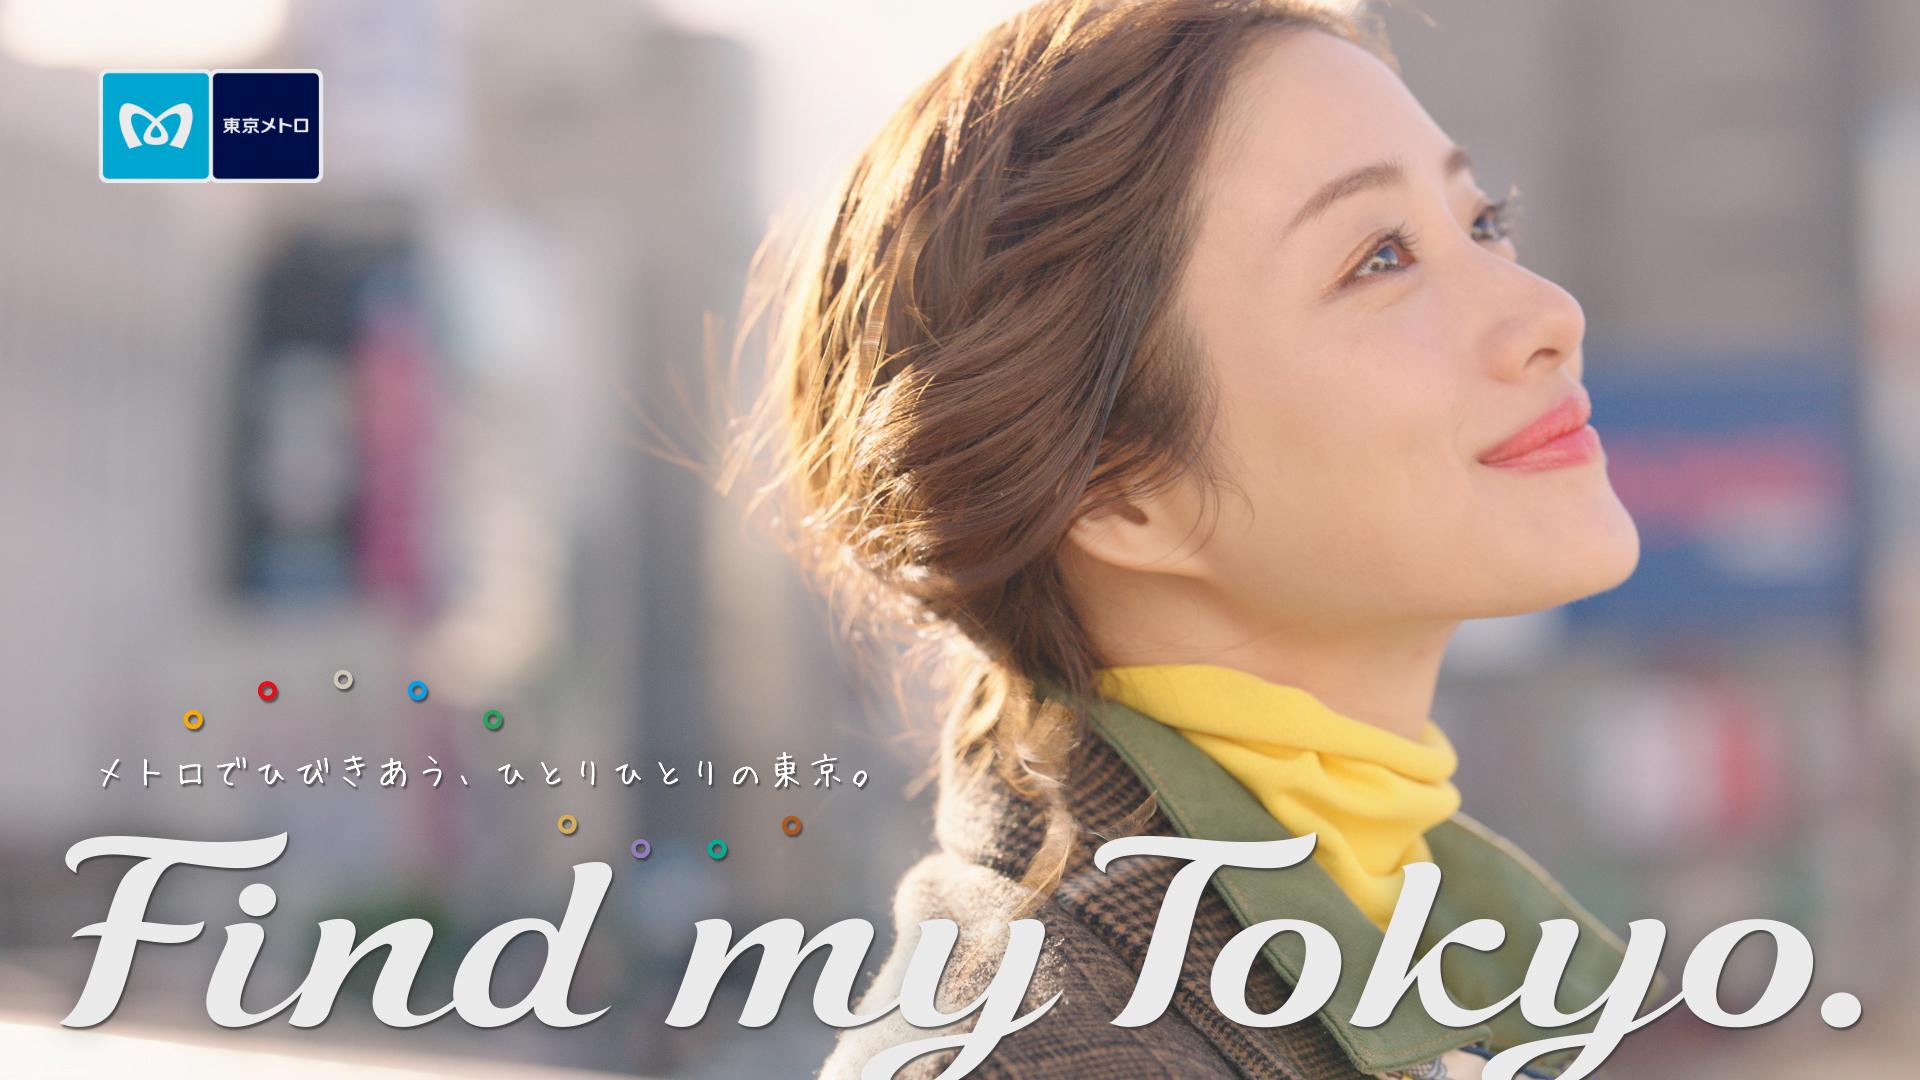 石原さとみ/東京メトロ「Find my Tokyo.」新CM「錦糸町_世界とニッポンが、もっとつながって見える街」篇